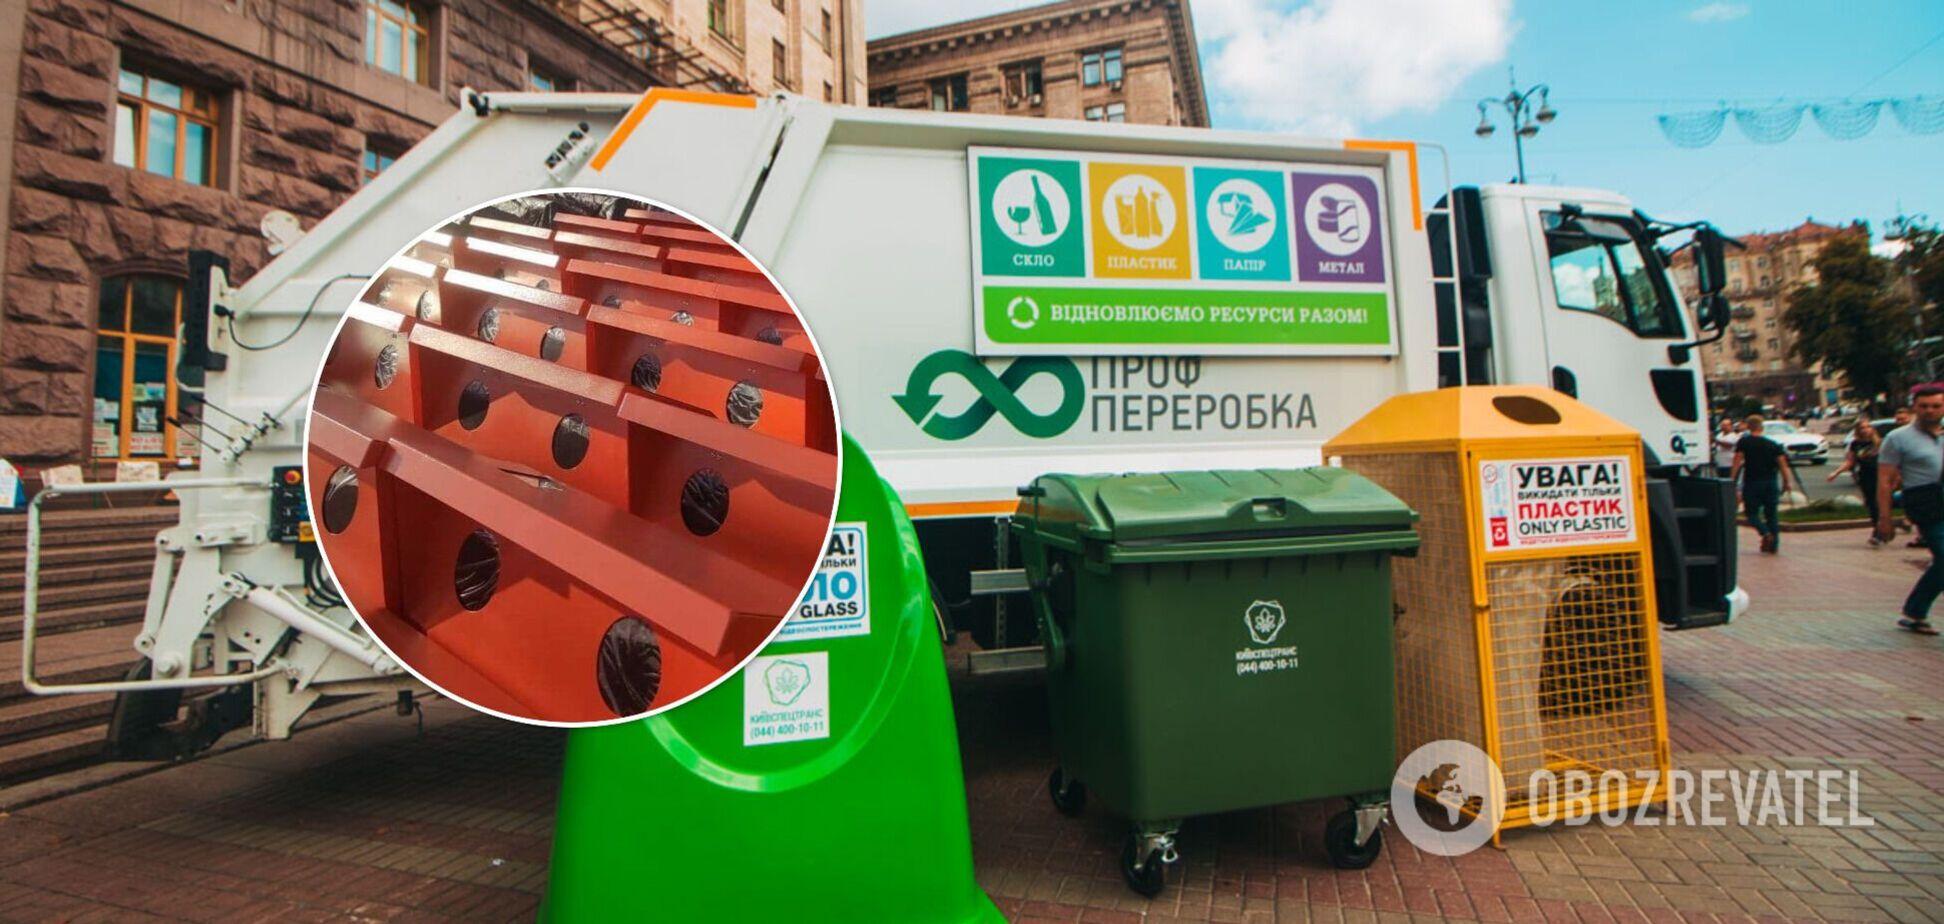 Зібране сміття відправлять на переробку